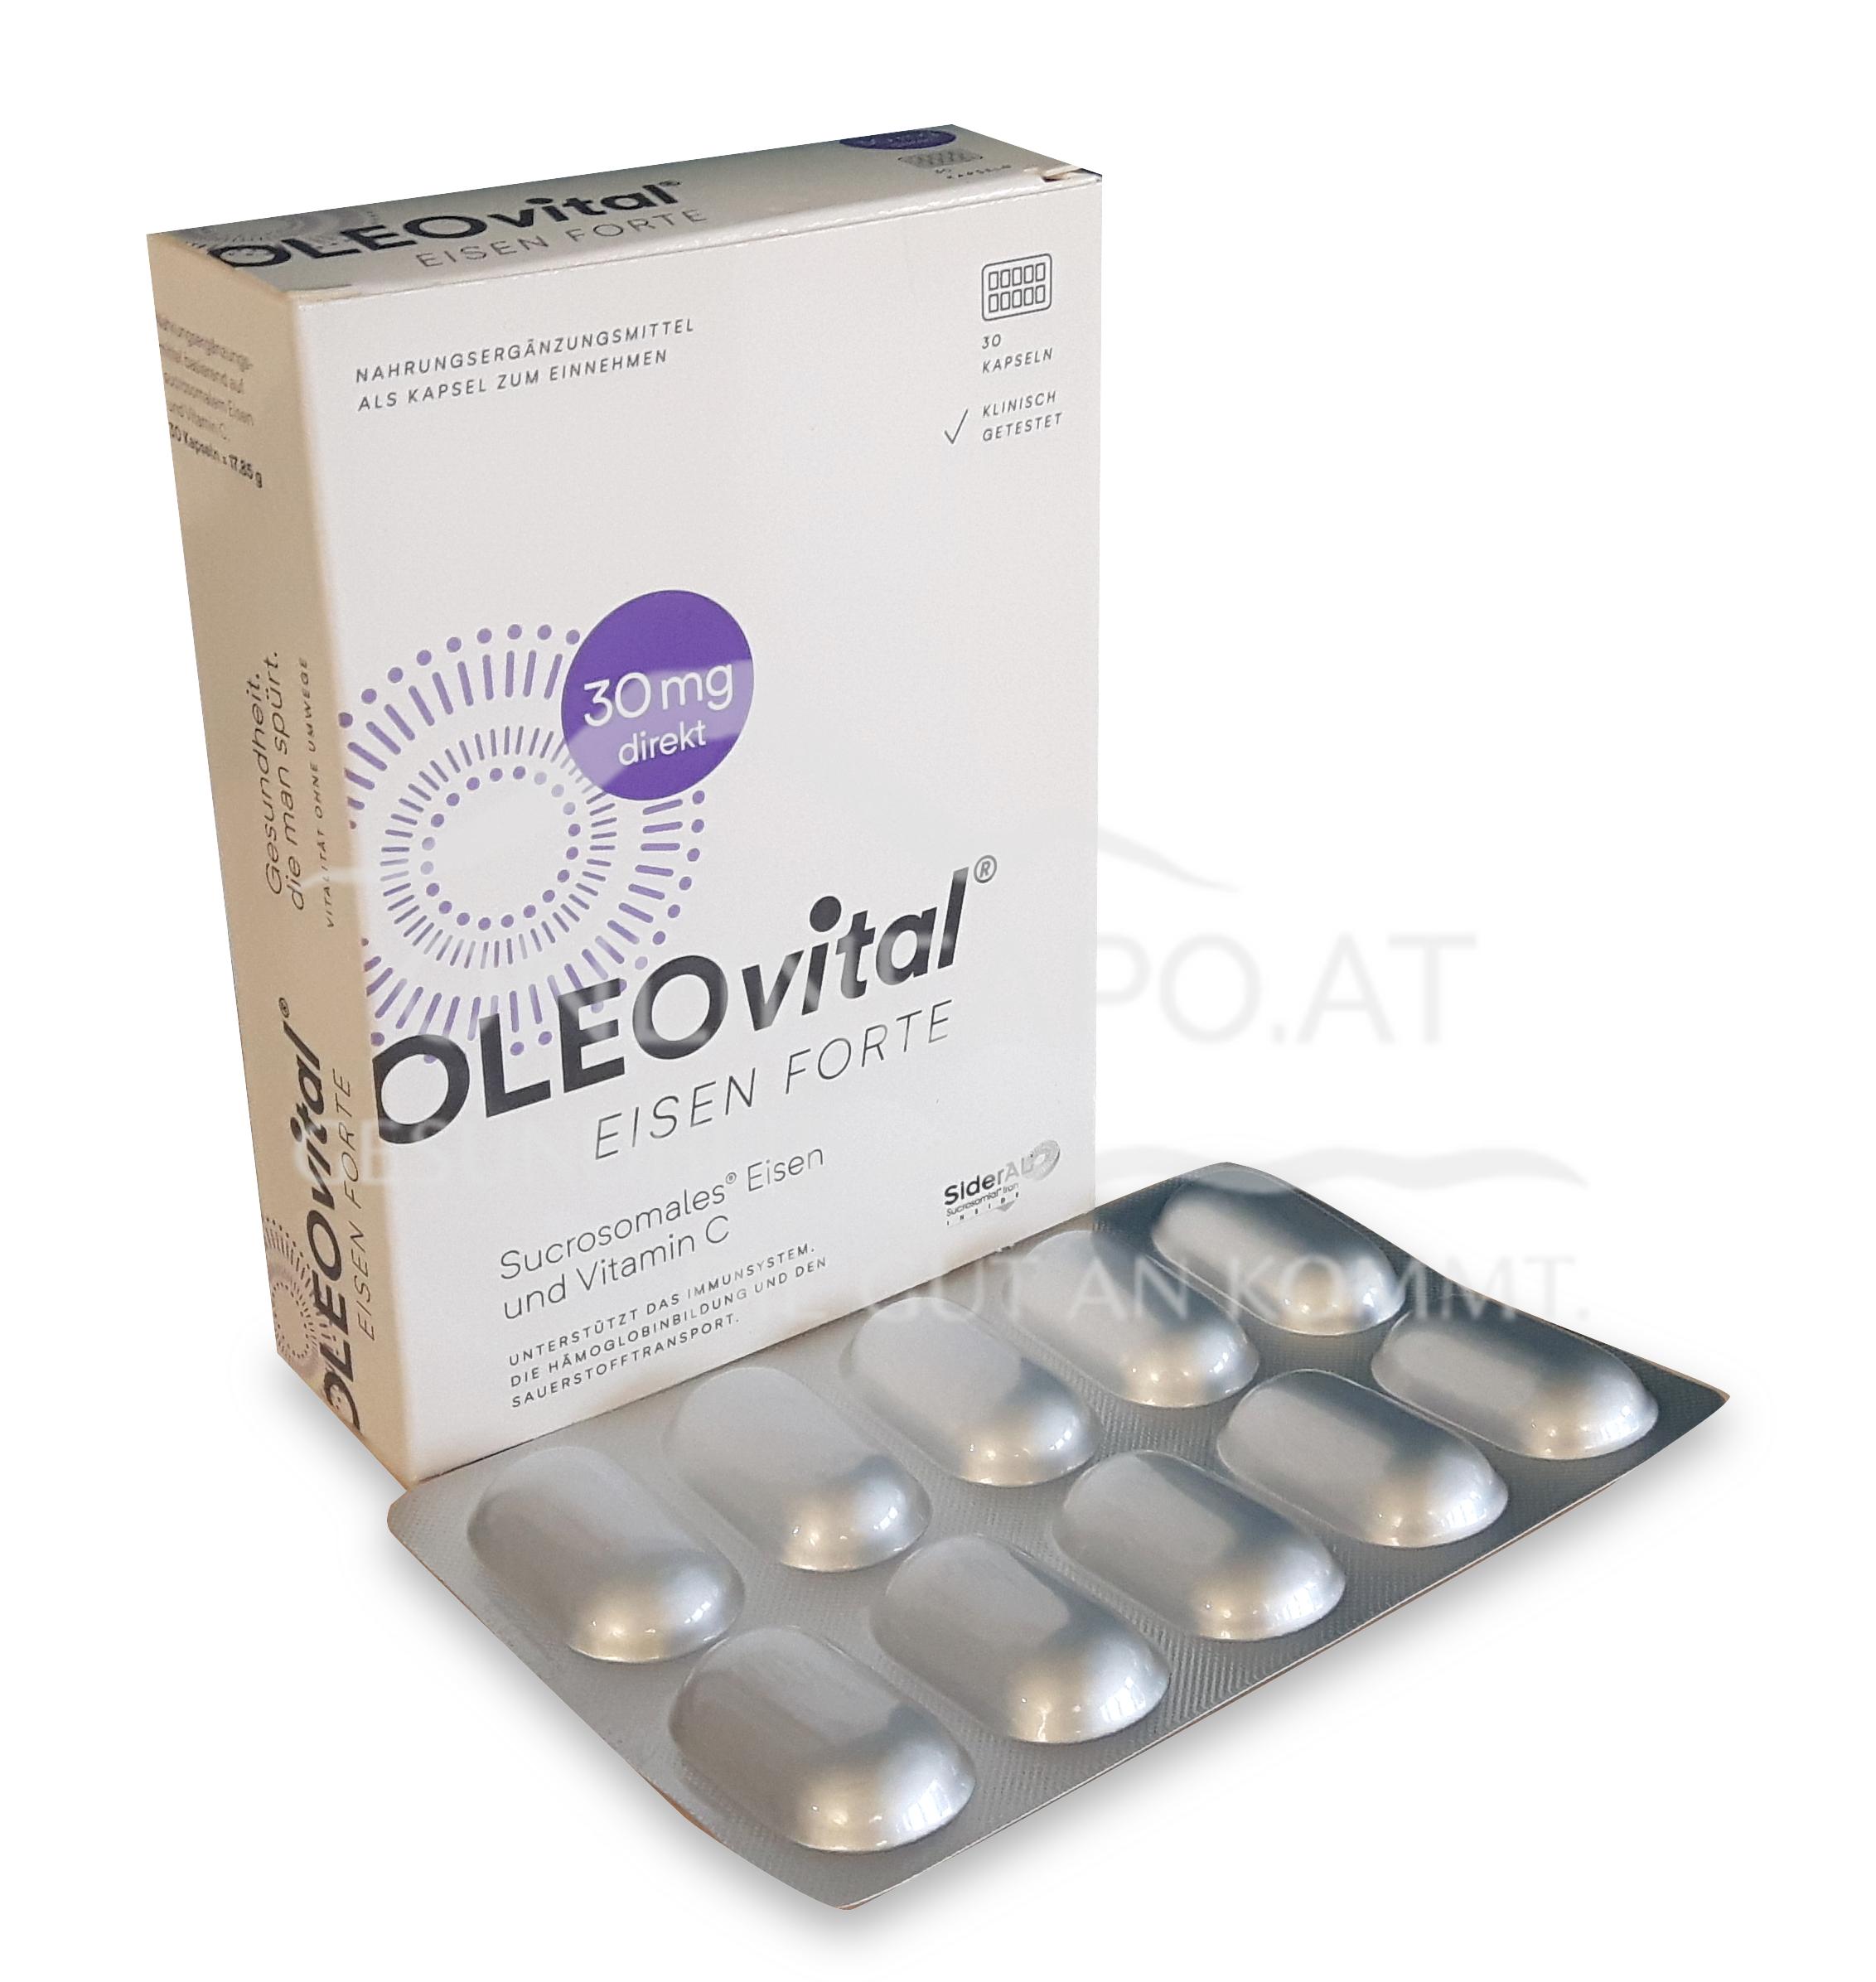 OLEOvital® EISEN FORTE  (30 mg Eisen) Kapseln